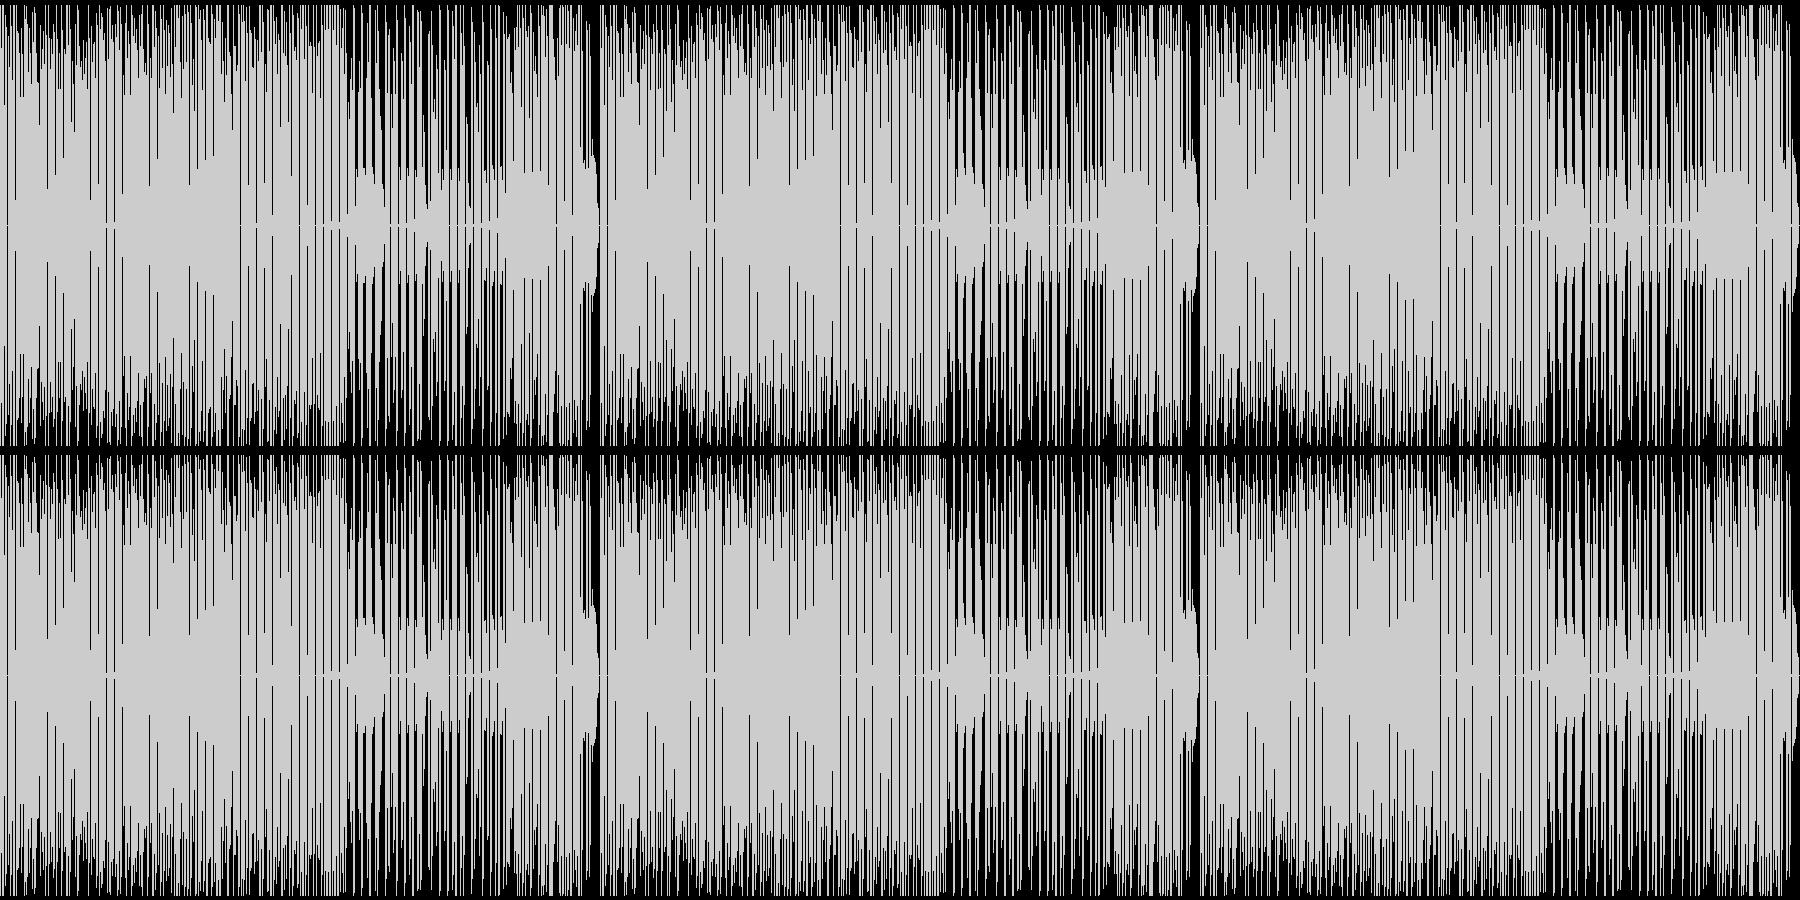 ファミコンっぽい戦闘シーンのBGMの未再生の波形